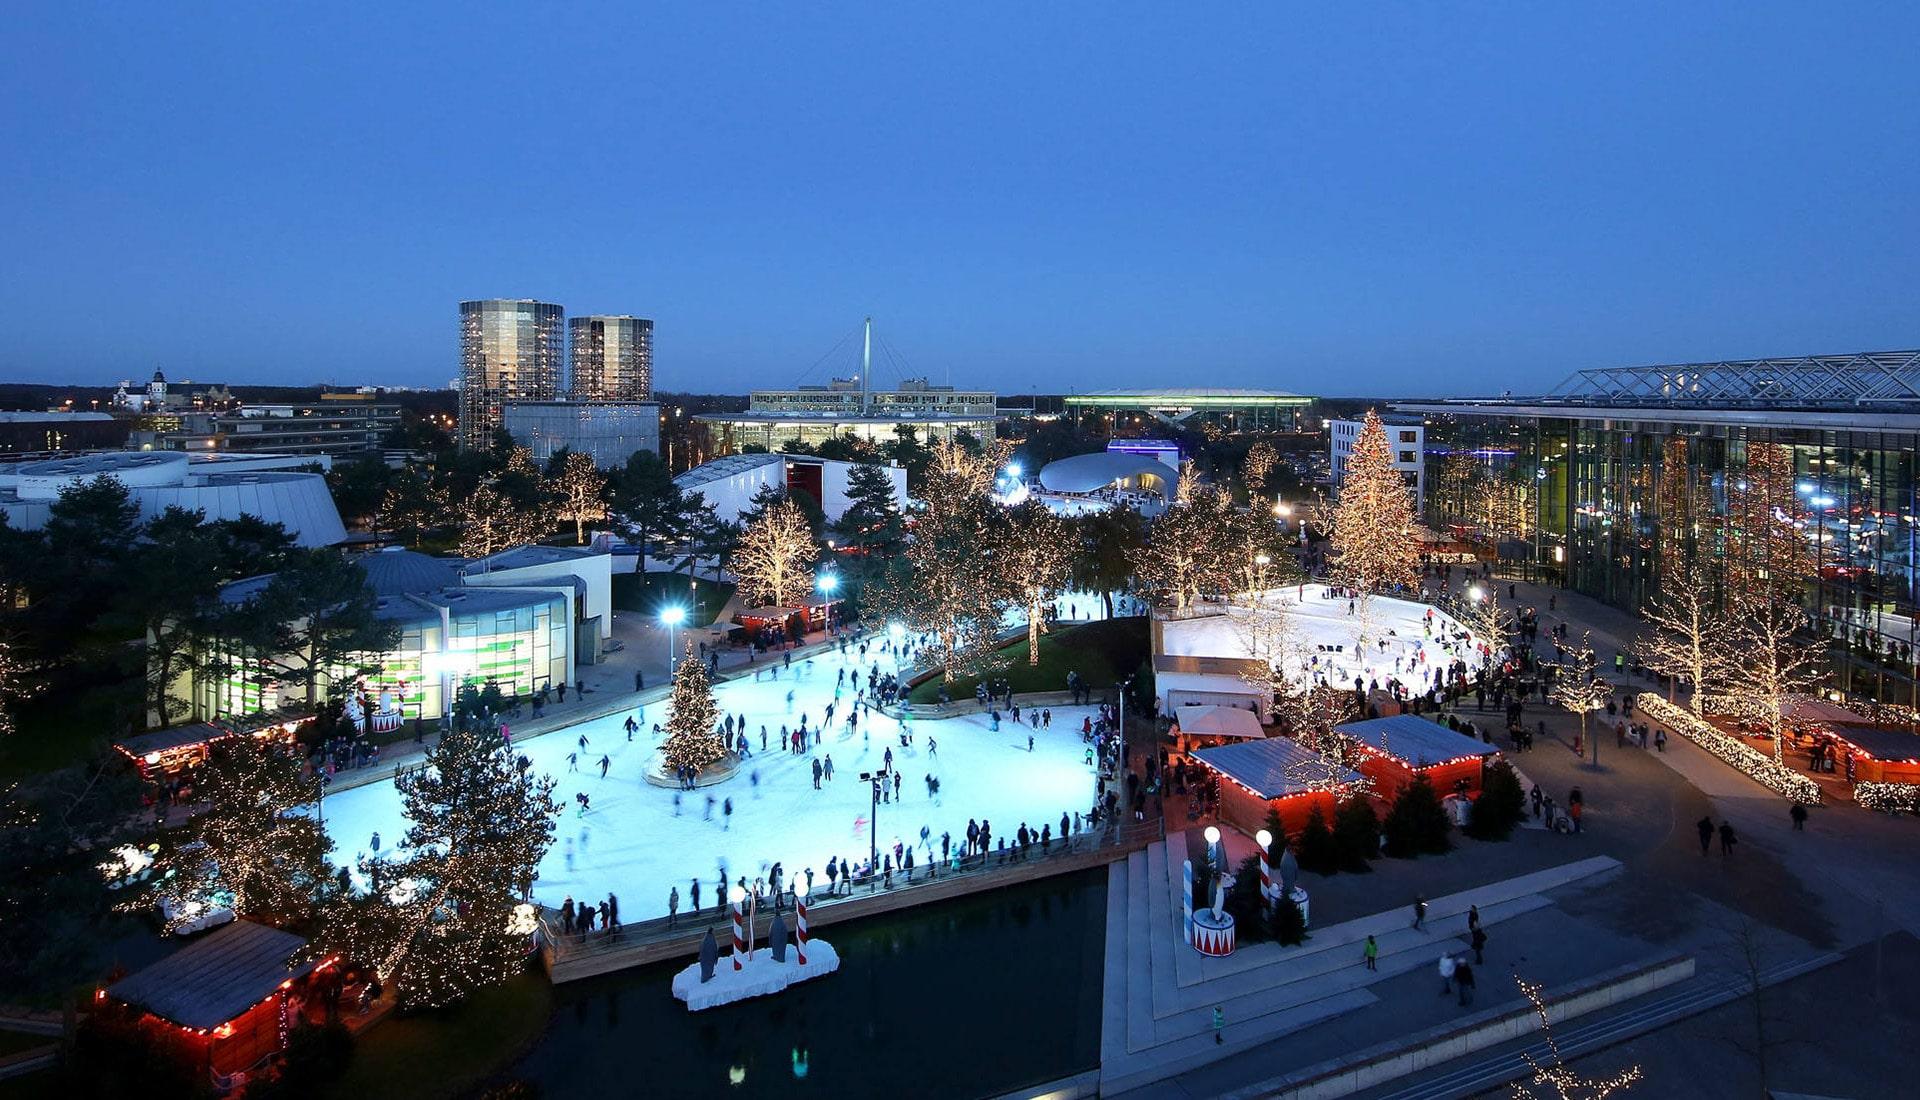 Eventplanung Autostadt im Winter   Eventbau   Maedebach Braunschweig  